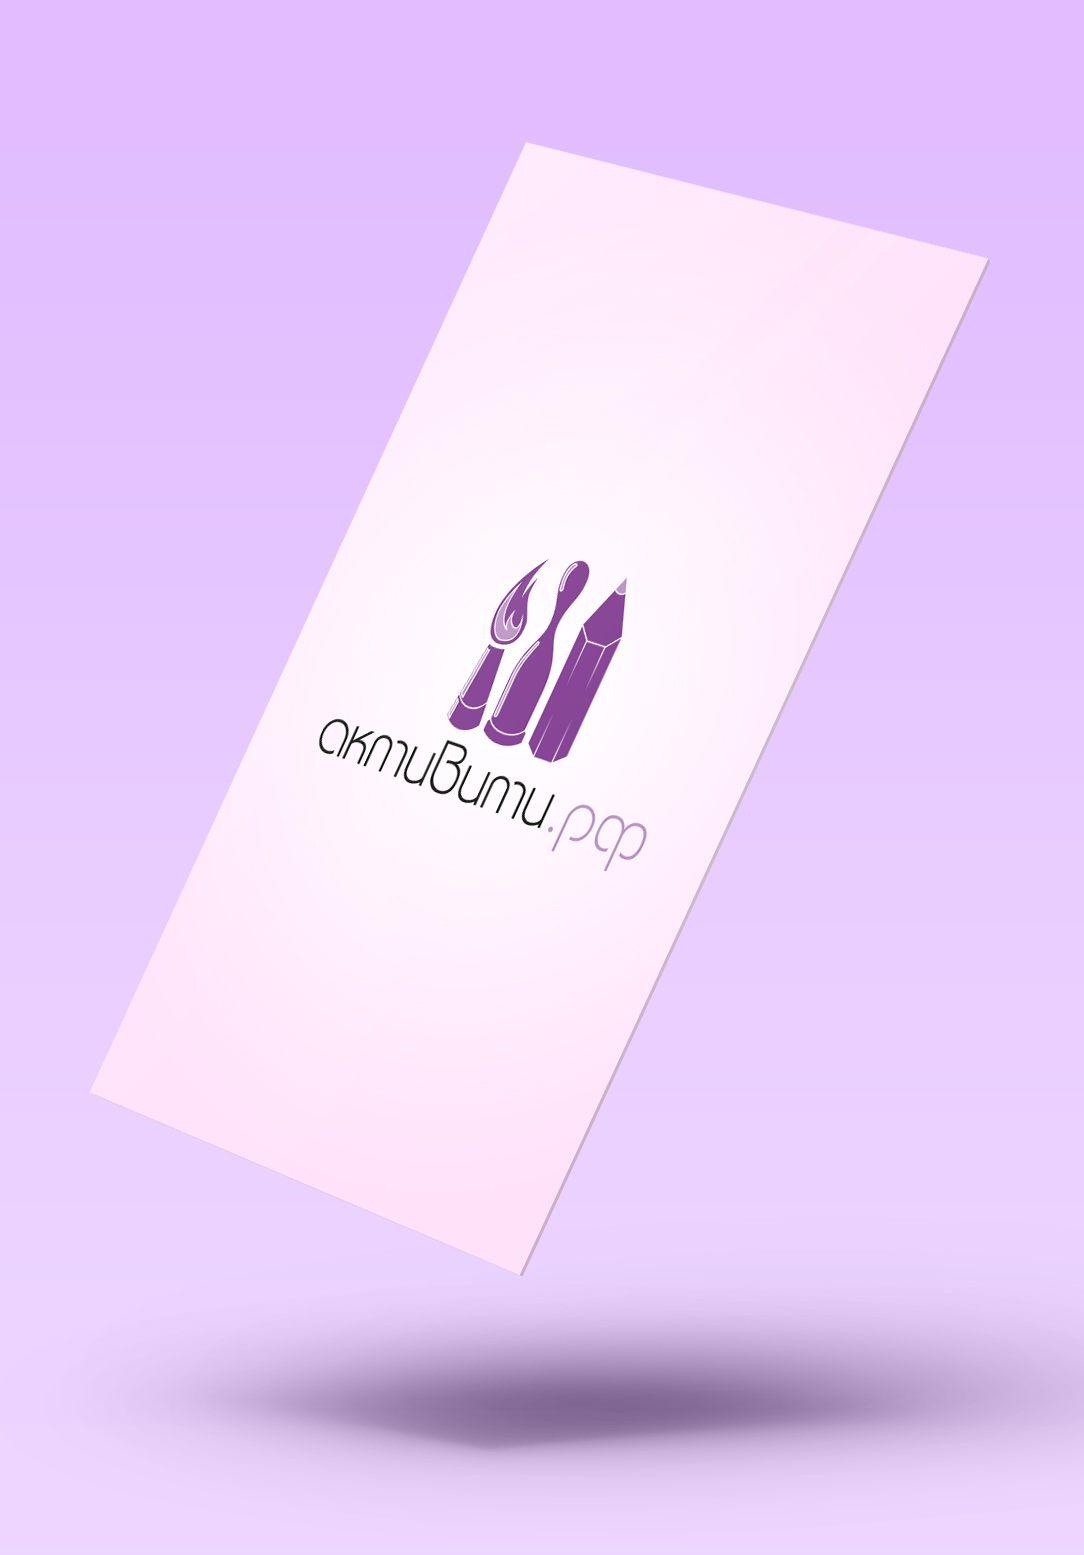 Логотип магазина активити.рф - дизайнер Jenevo4ka